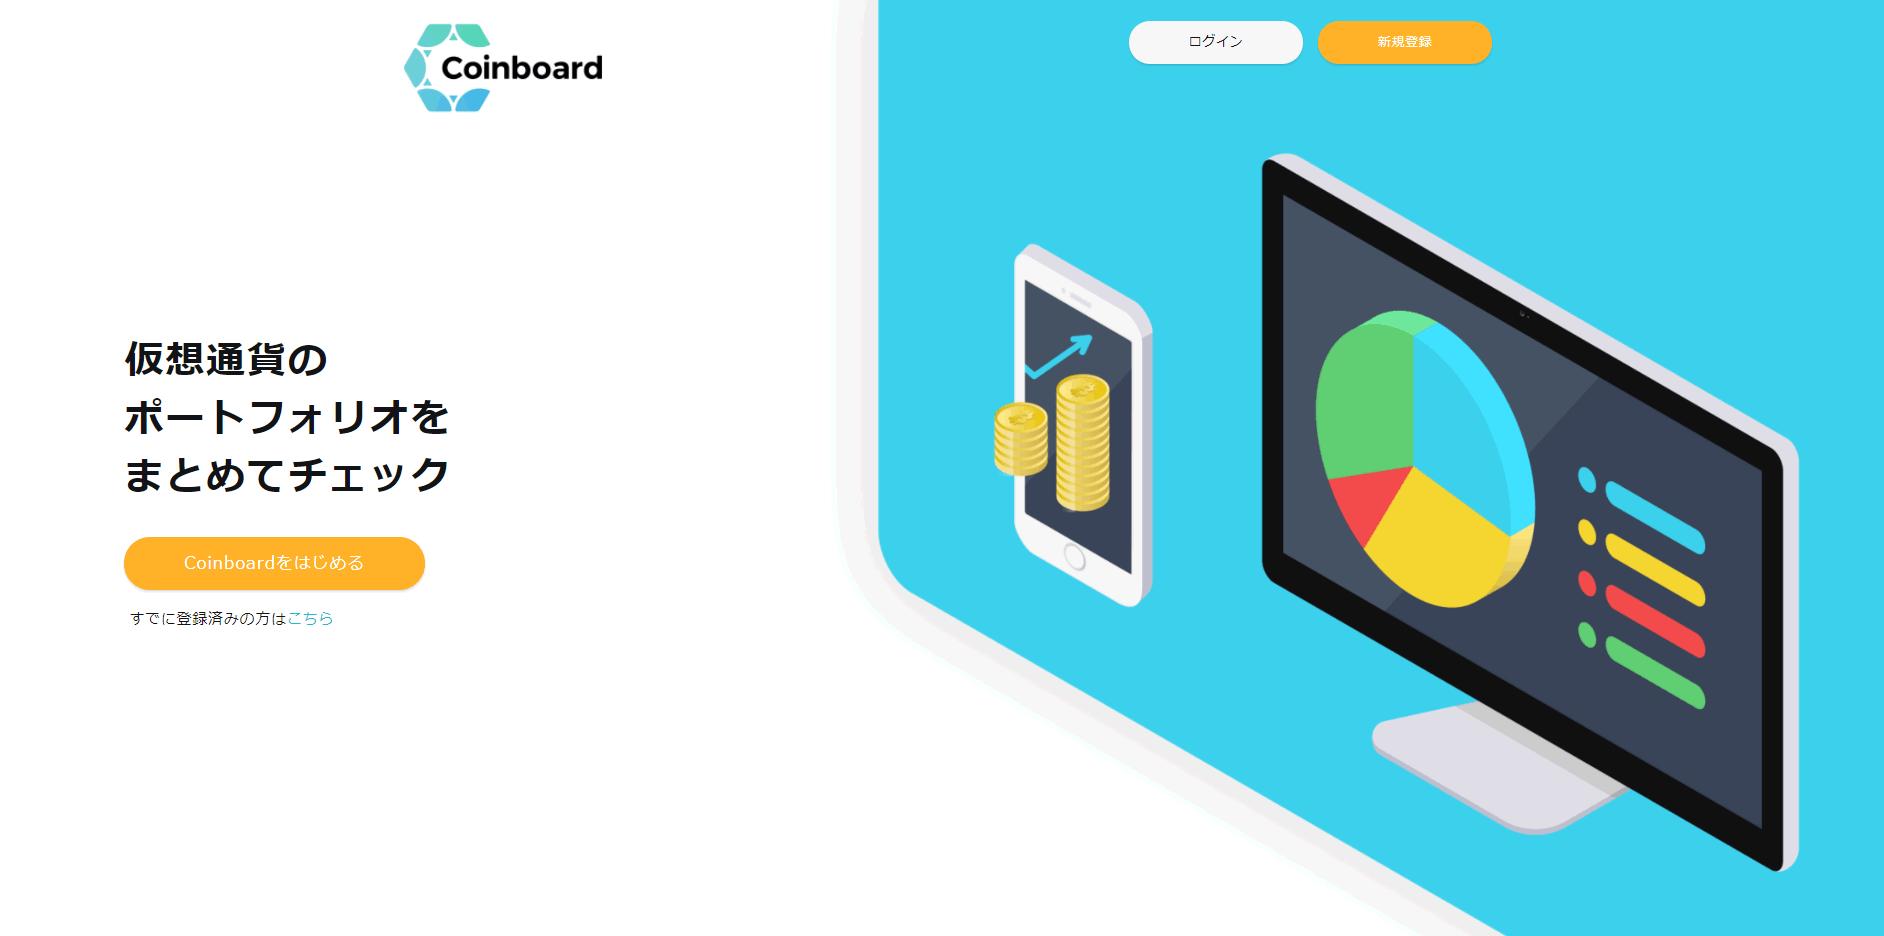 仮想通貨ポートフォリオ自動管理ツール「Coinboard」とは